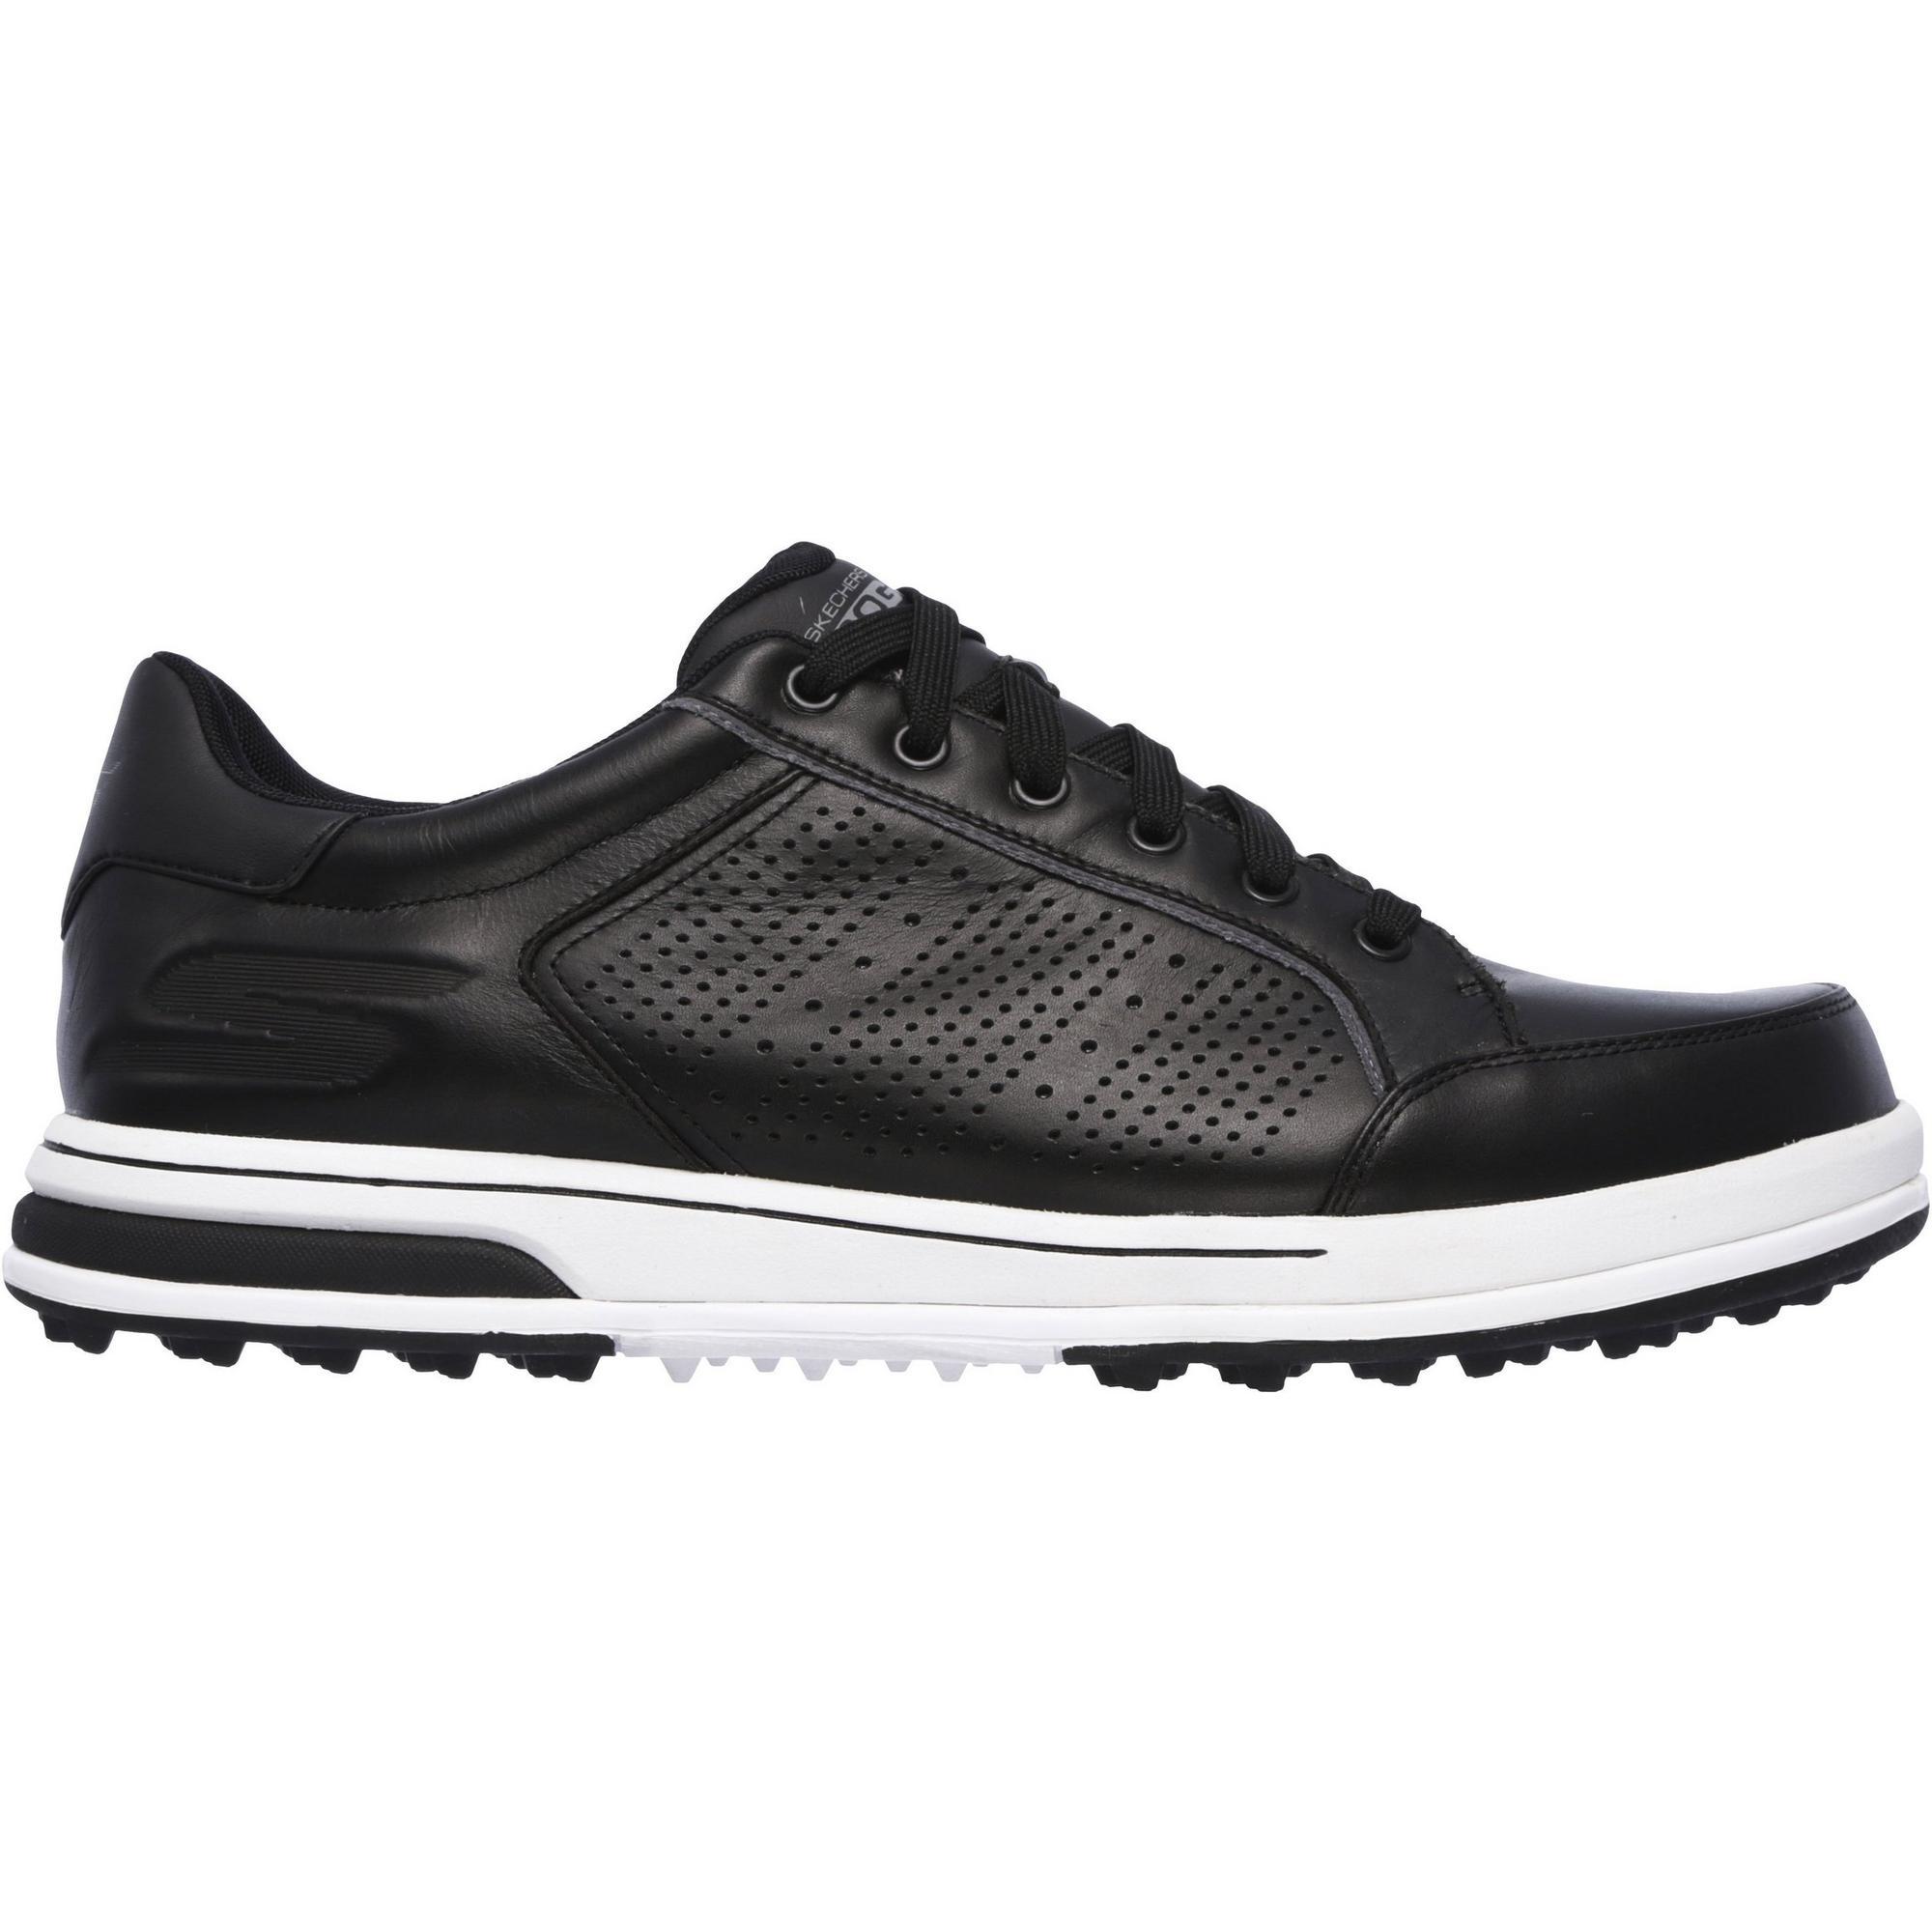 Men's Go Golf Drive 2 LX Spikeless Golf Shoe - BLK/WHT